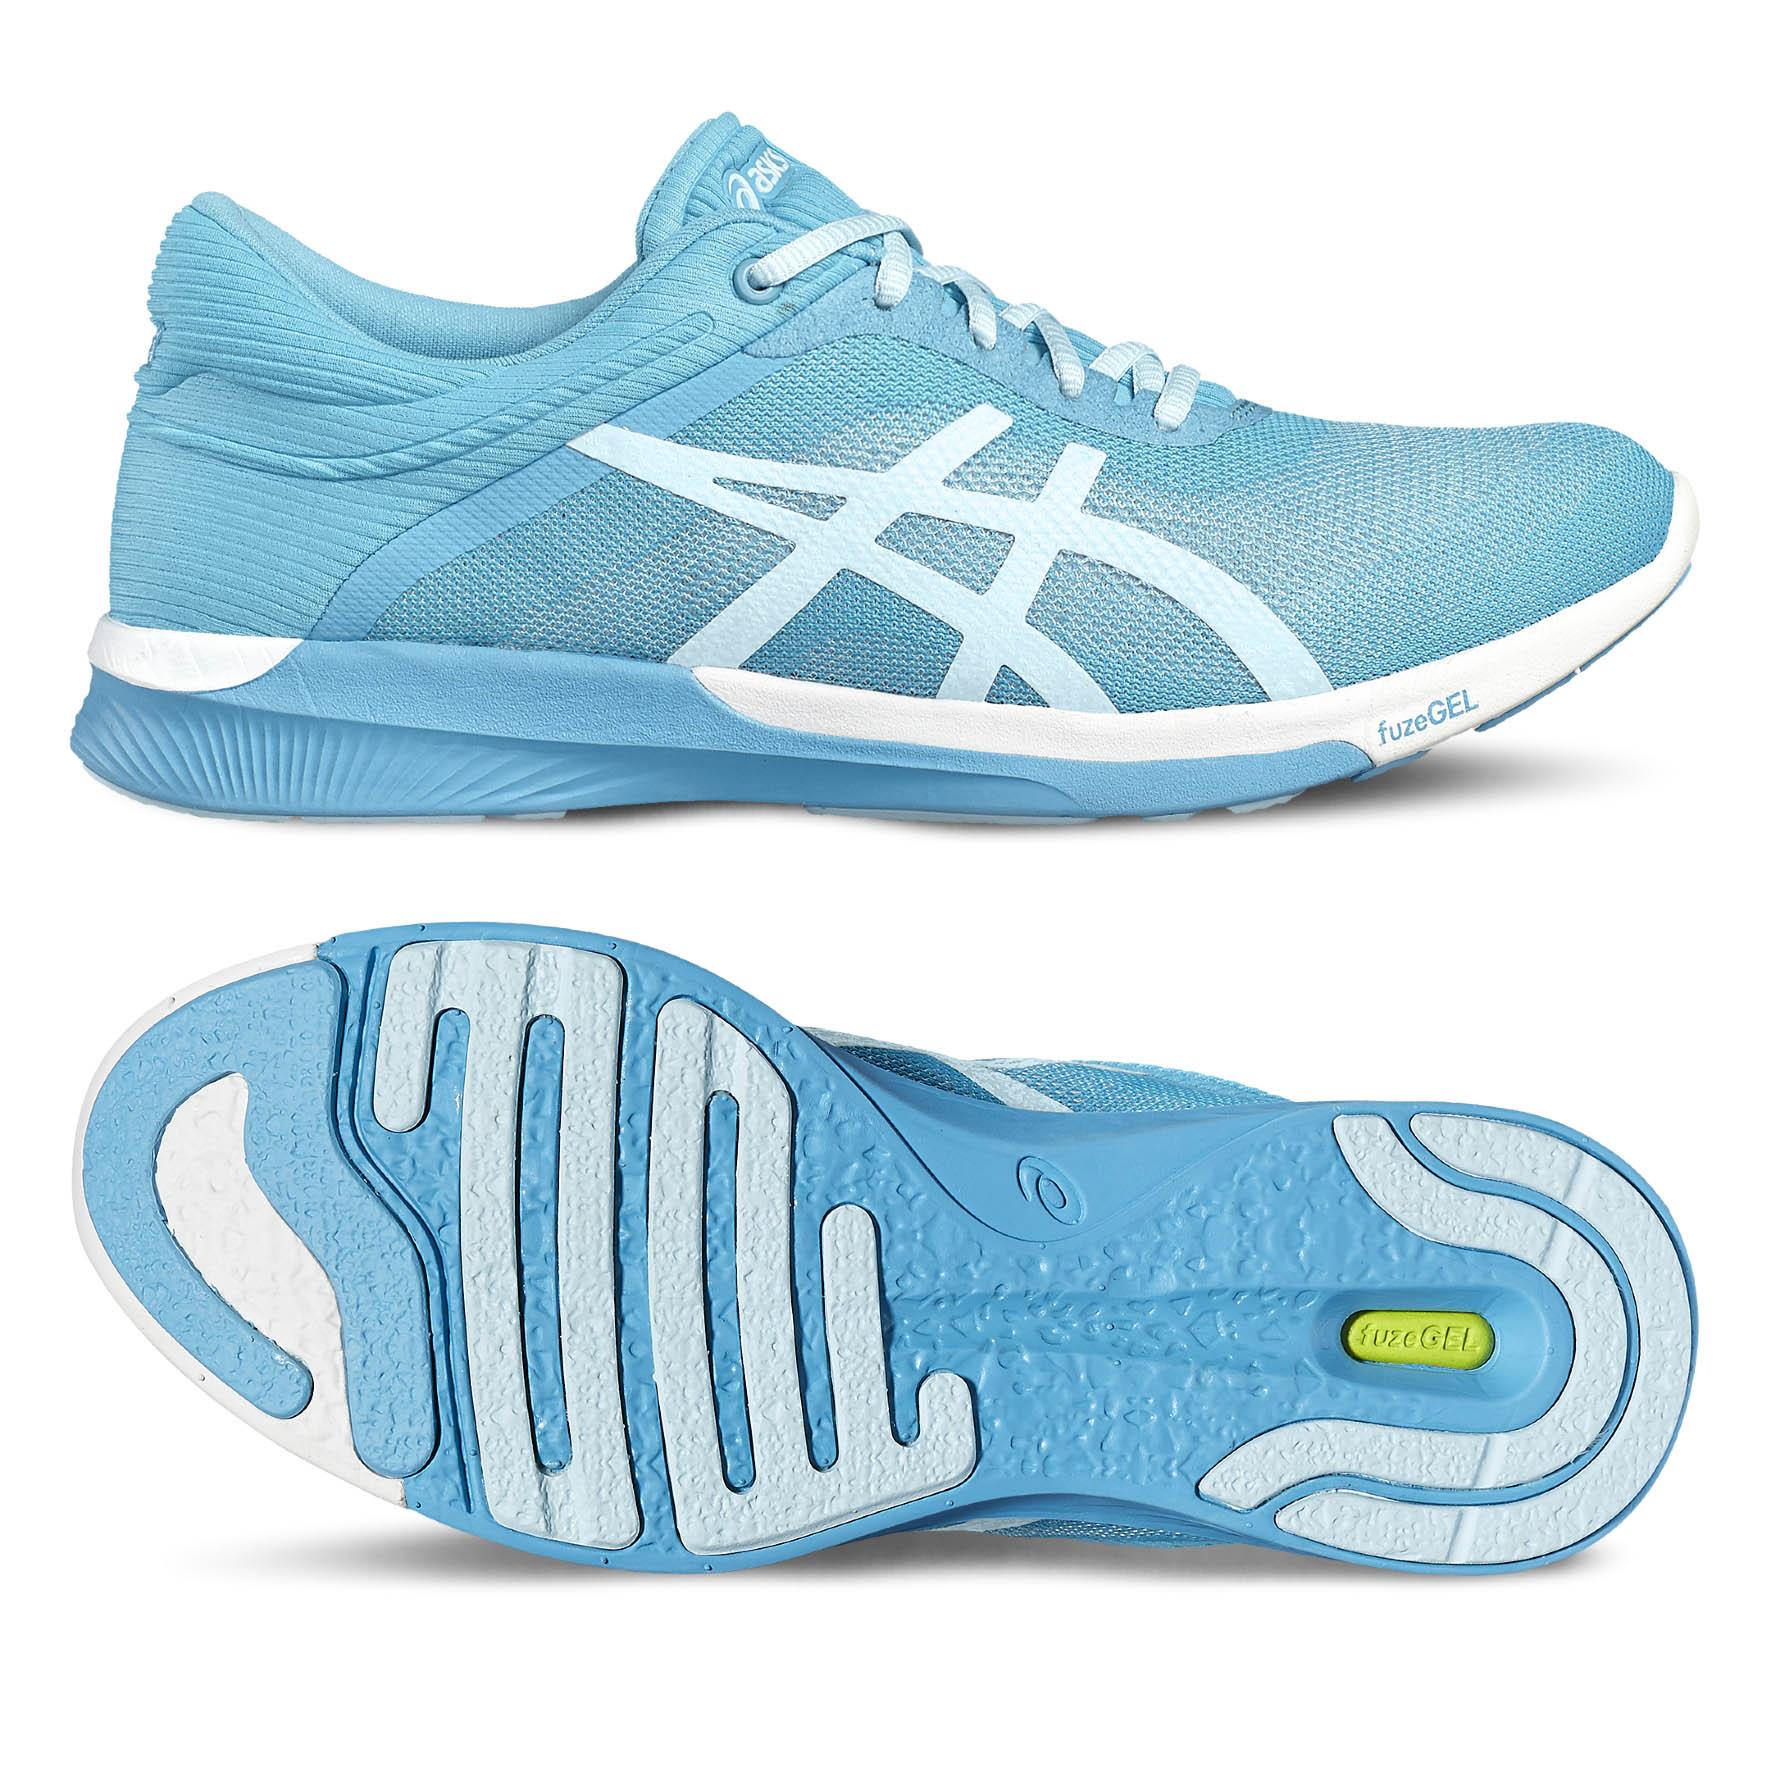 Asics FuzeX Rush Ladies Running Shoes  BlueWhite 8 UK